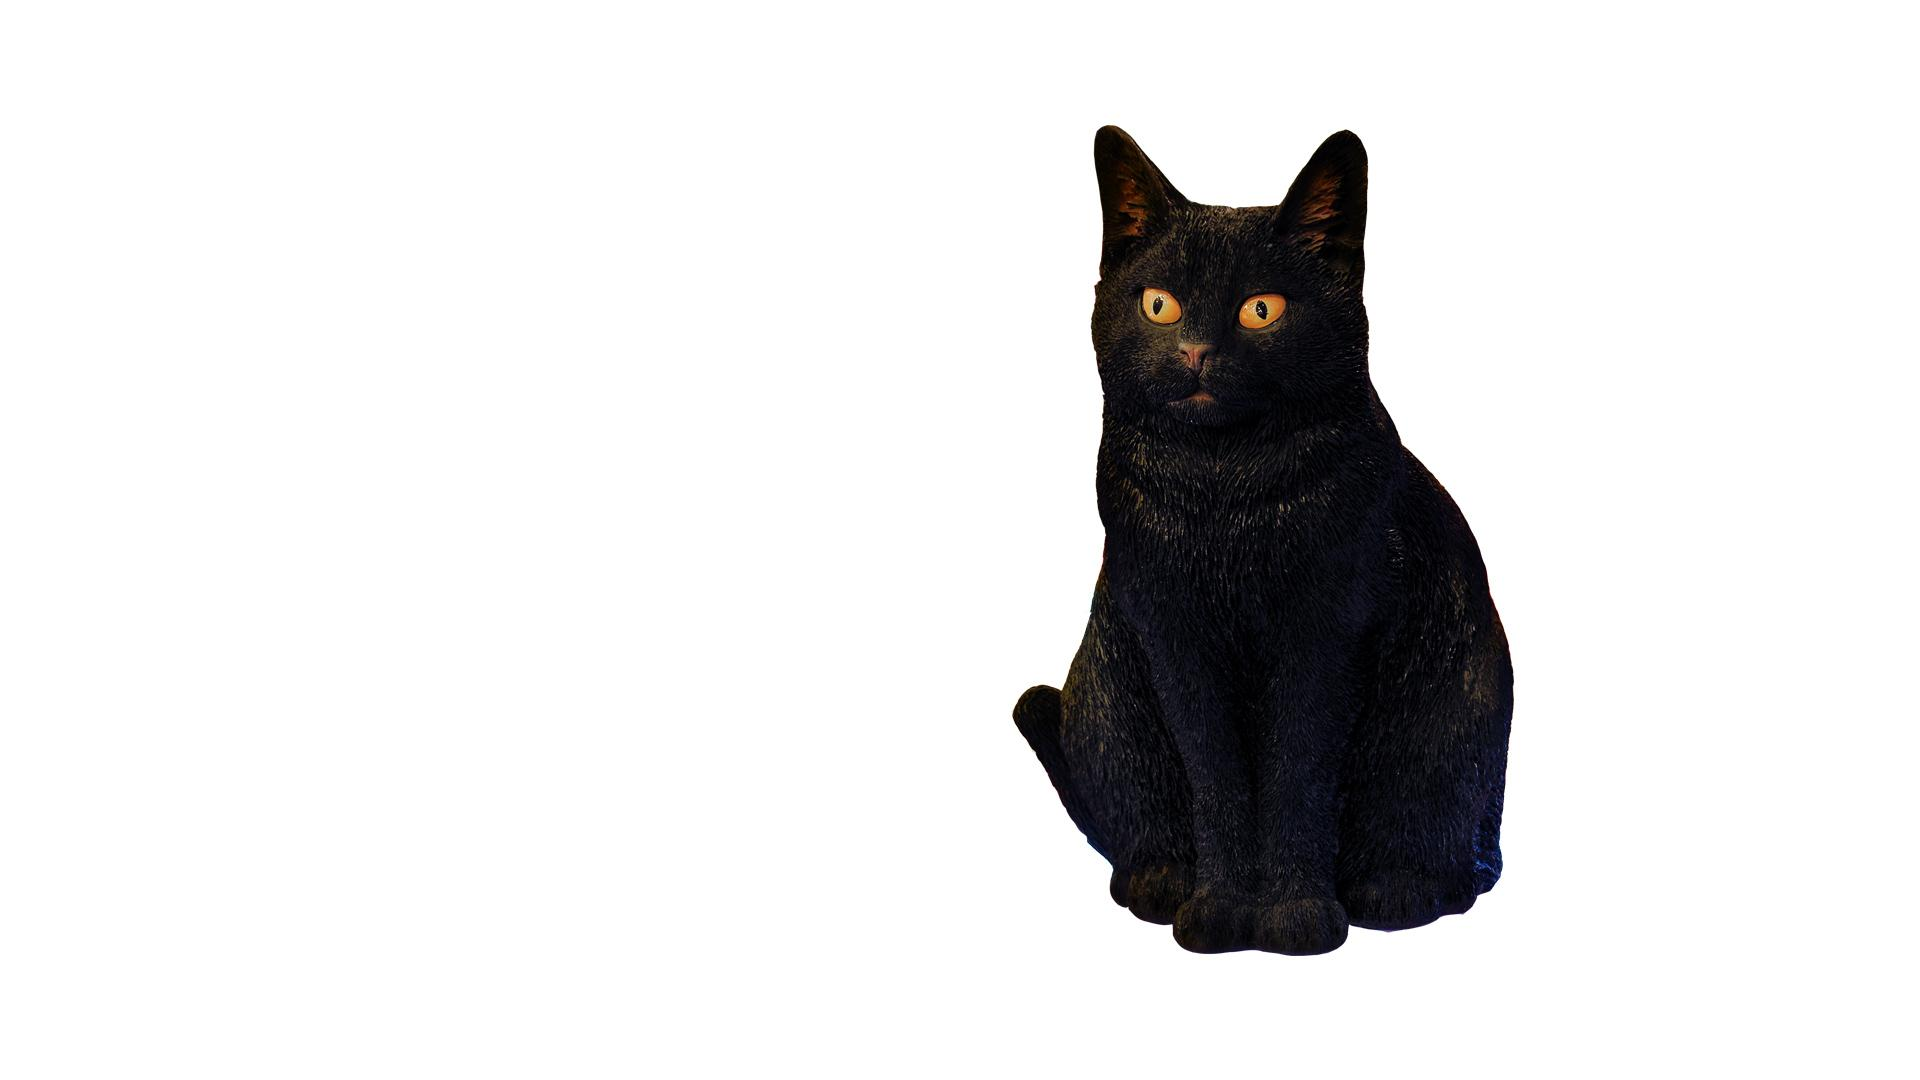 Black Cat Ornament - Big Brother 2017